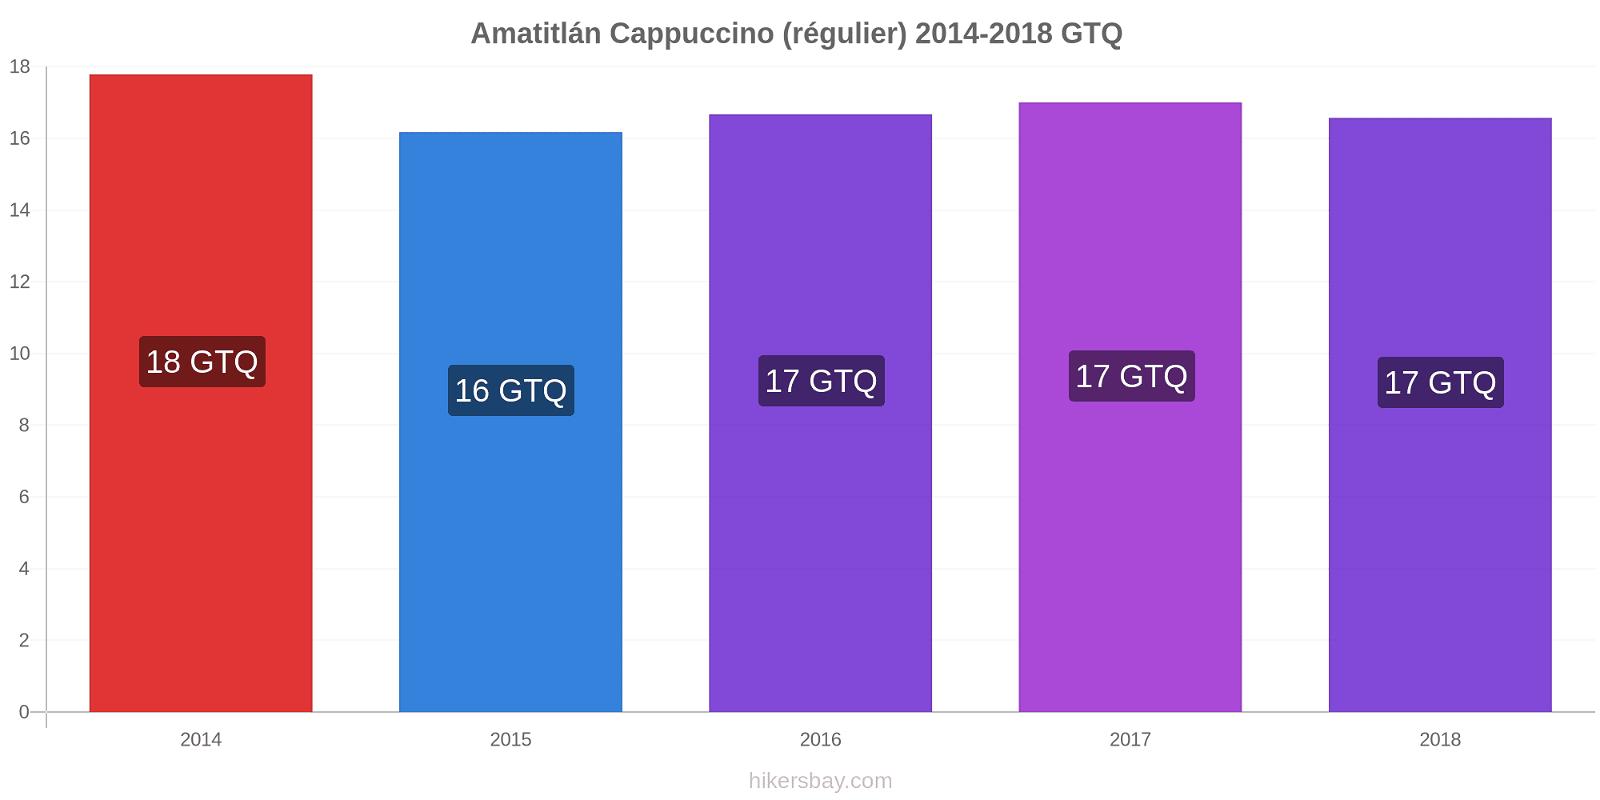 Amatitlán changements de prix Cappuccino (régulier) hikersbay.com